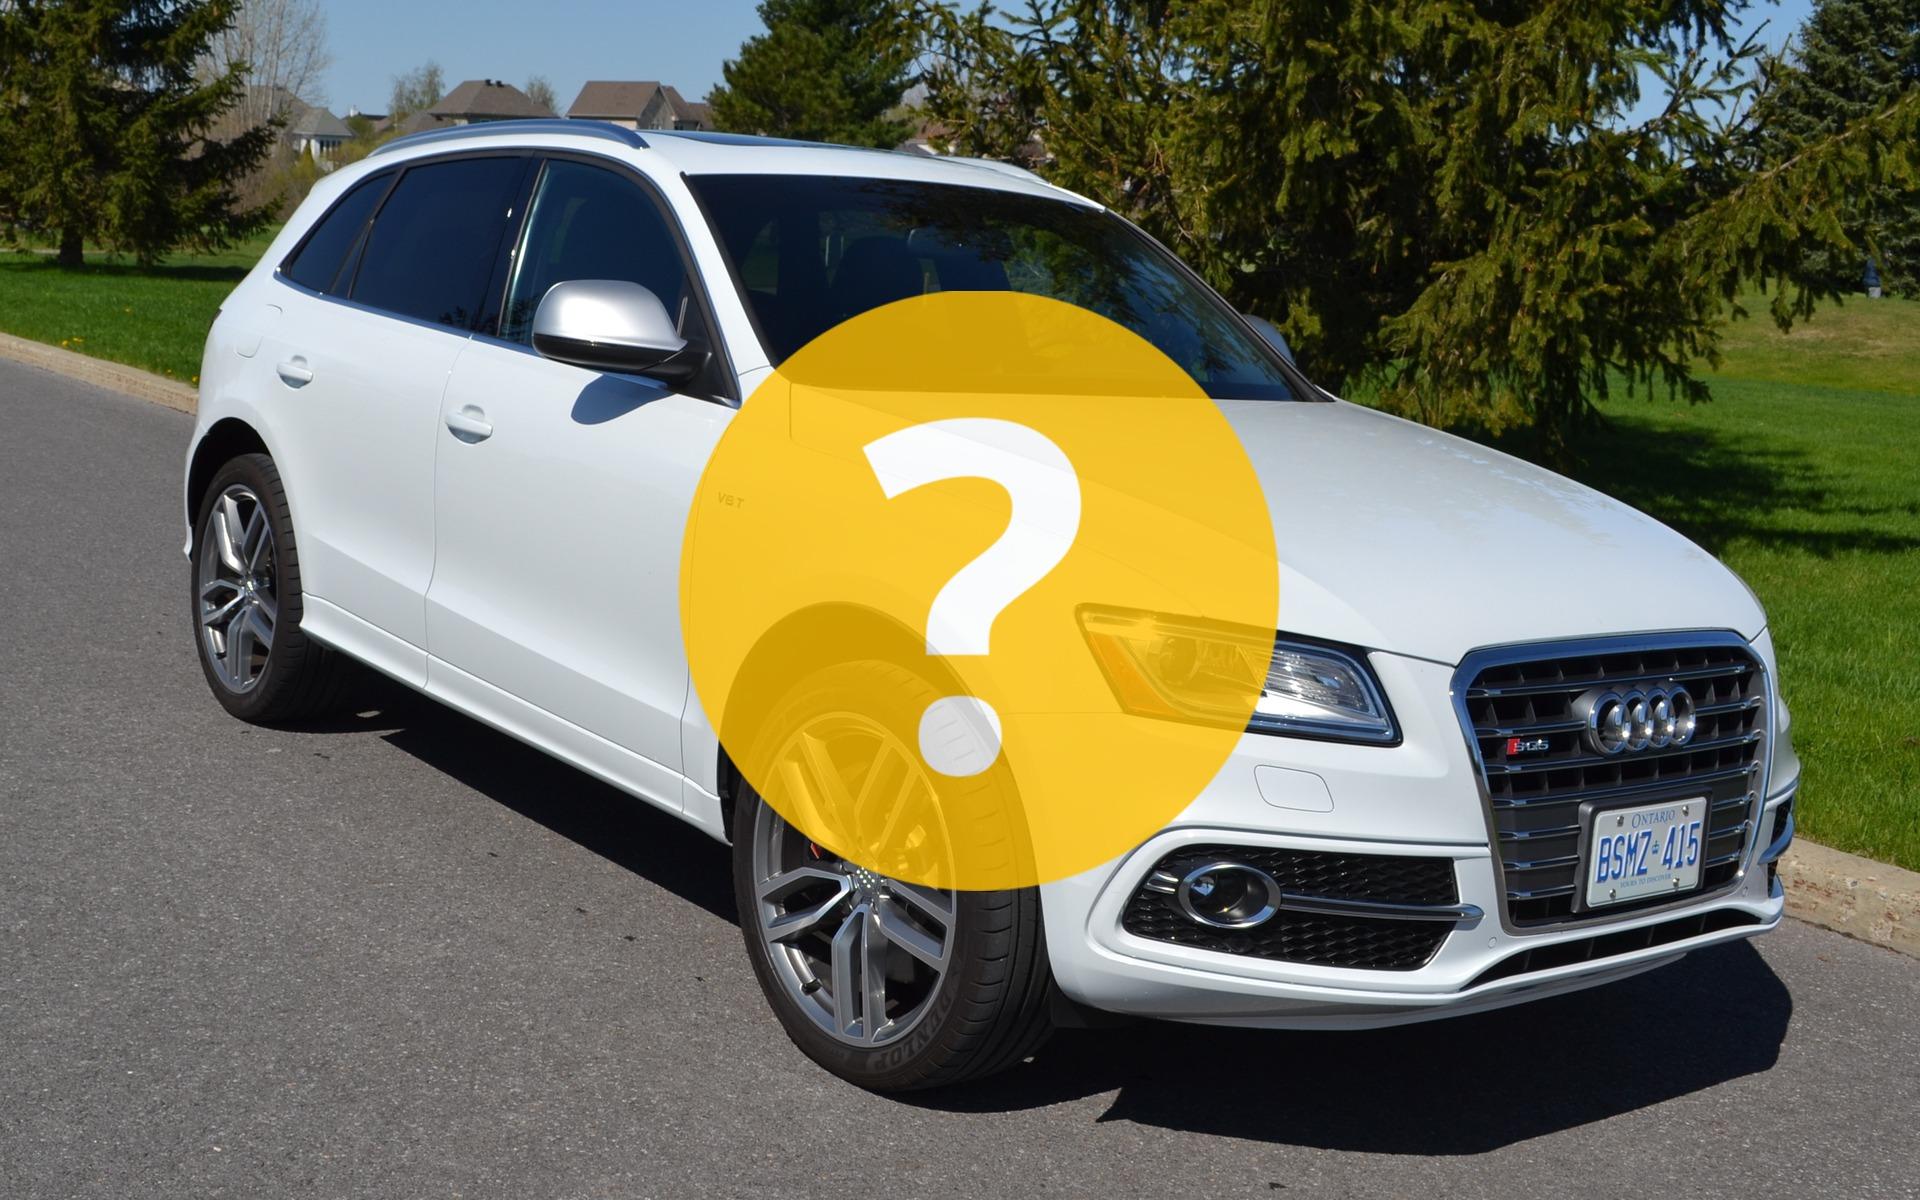 Véhicule D Occasion >> Que Pensez Vous De L Audi Q5 2015 Comme Vehicule D Occasion Guide